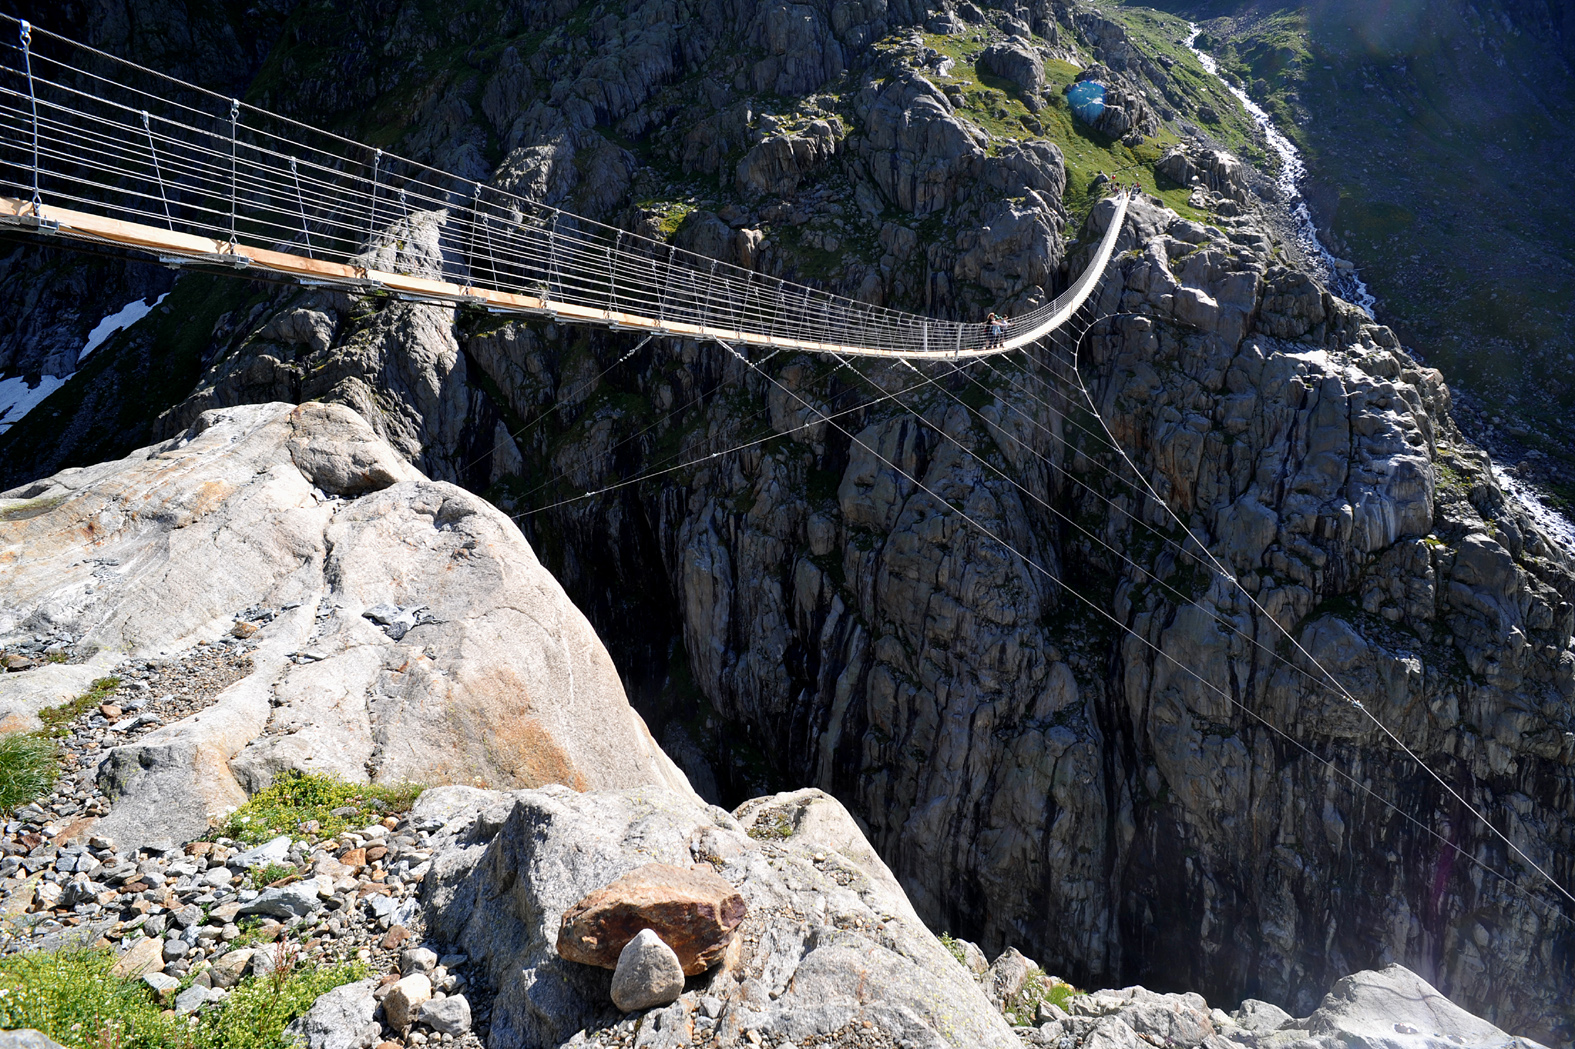 В швейцарских Альпах открылся первый в мире подвесной мост, соединяющий две горные вершины